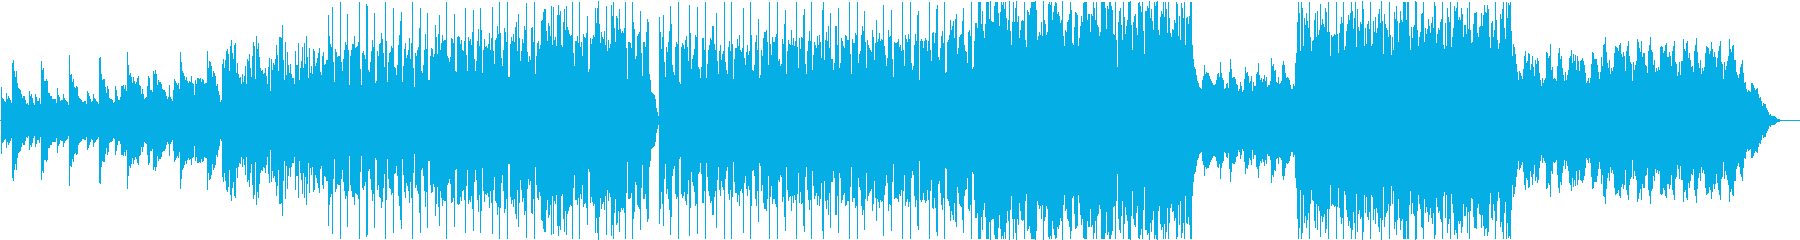 ストリングスが壮大なミニマルなバラード♪の再生済みの波形